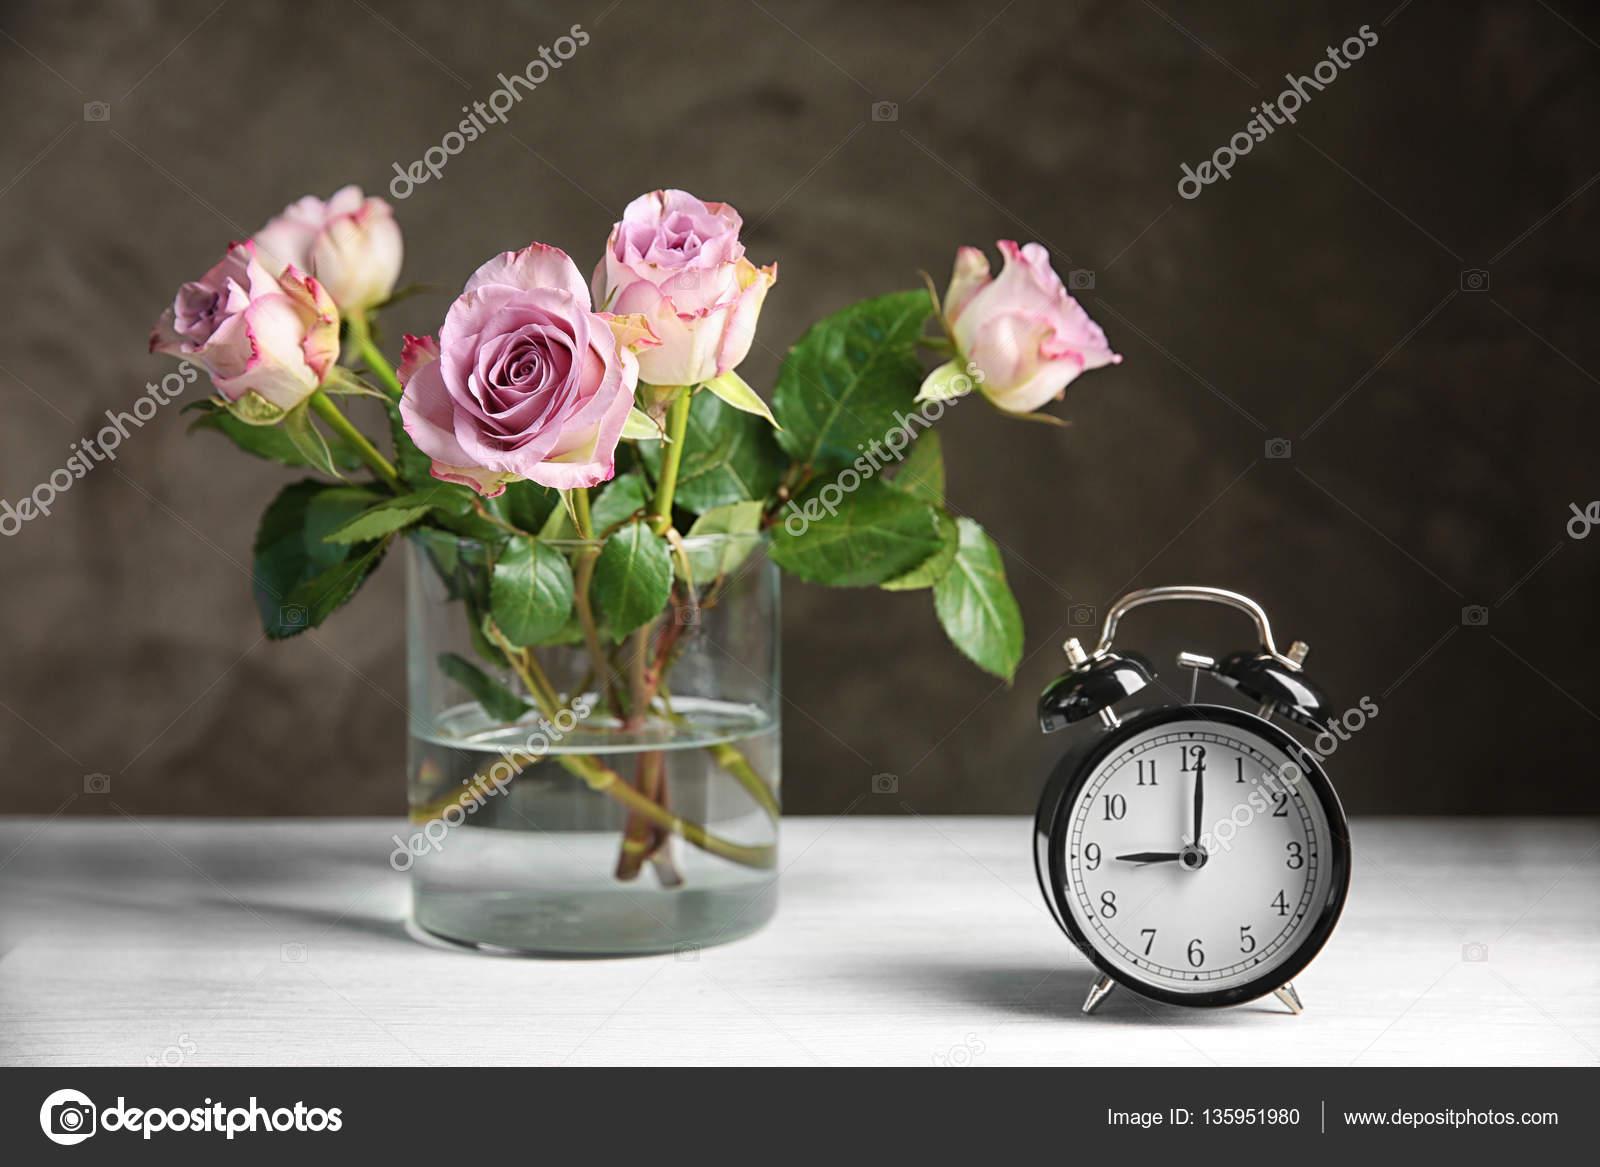 5 Mooie Vazen : Glazen vaas met een boeket u2014 stockfoto © belchonock #135951980